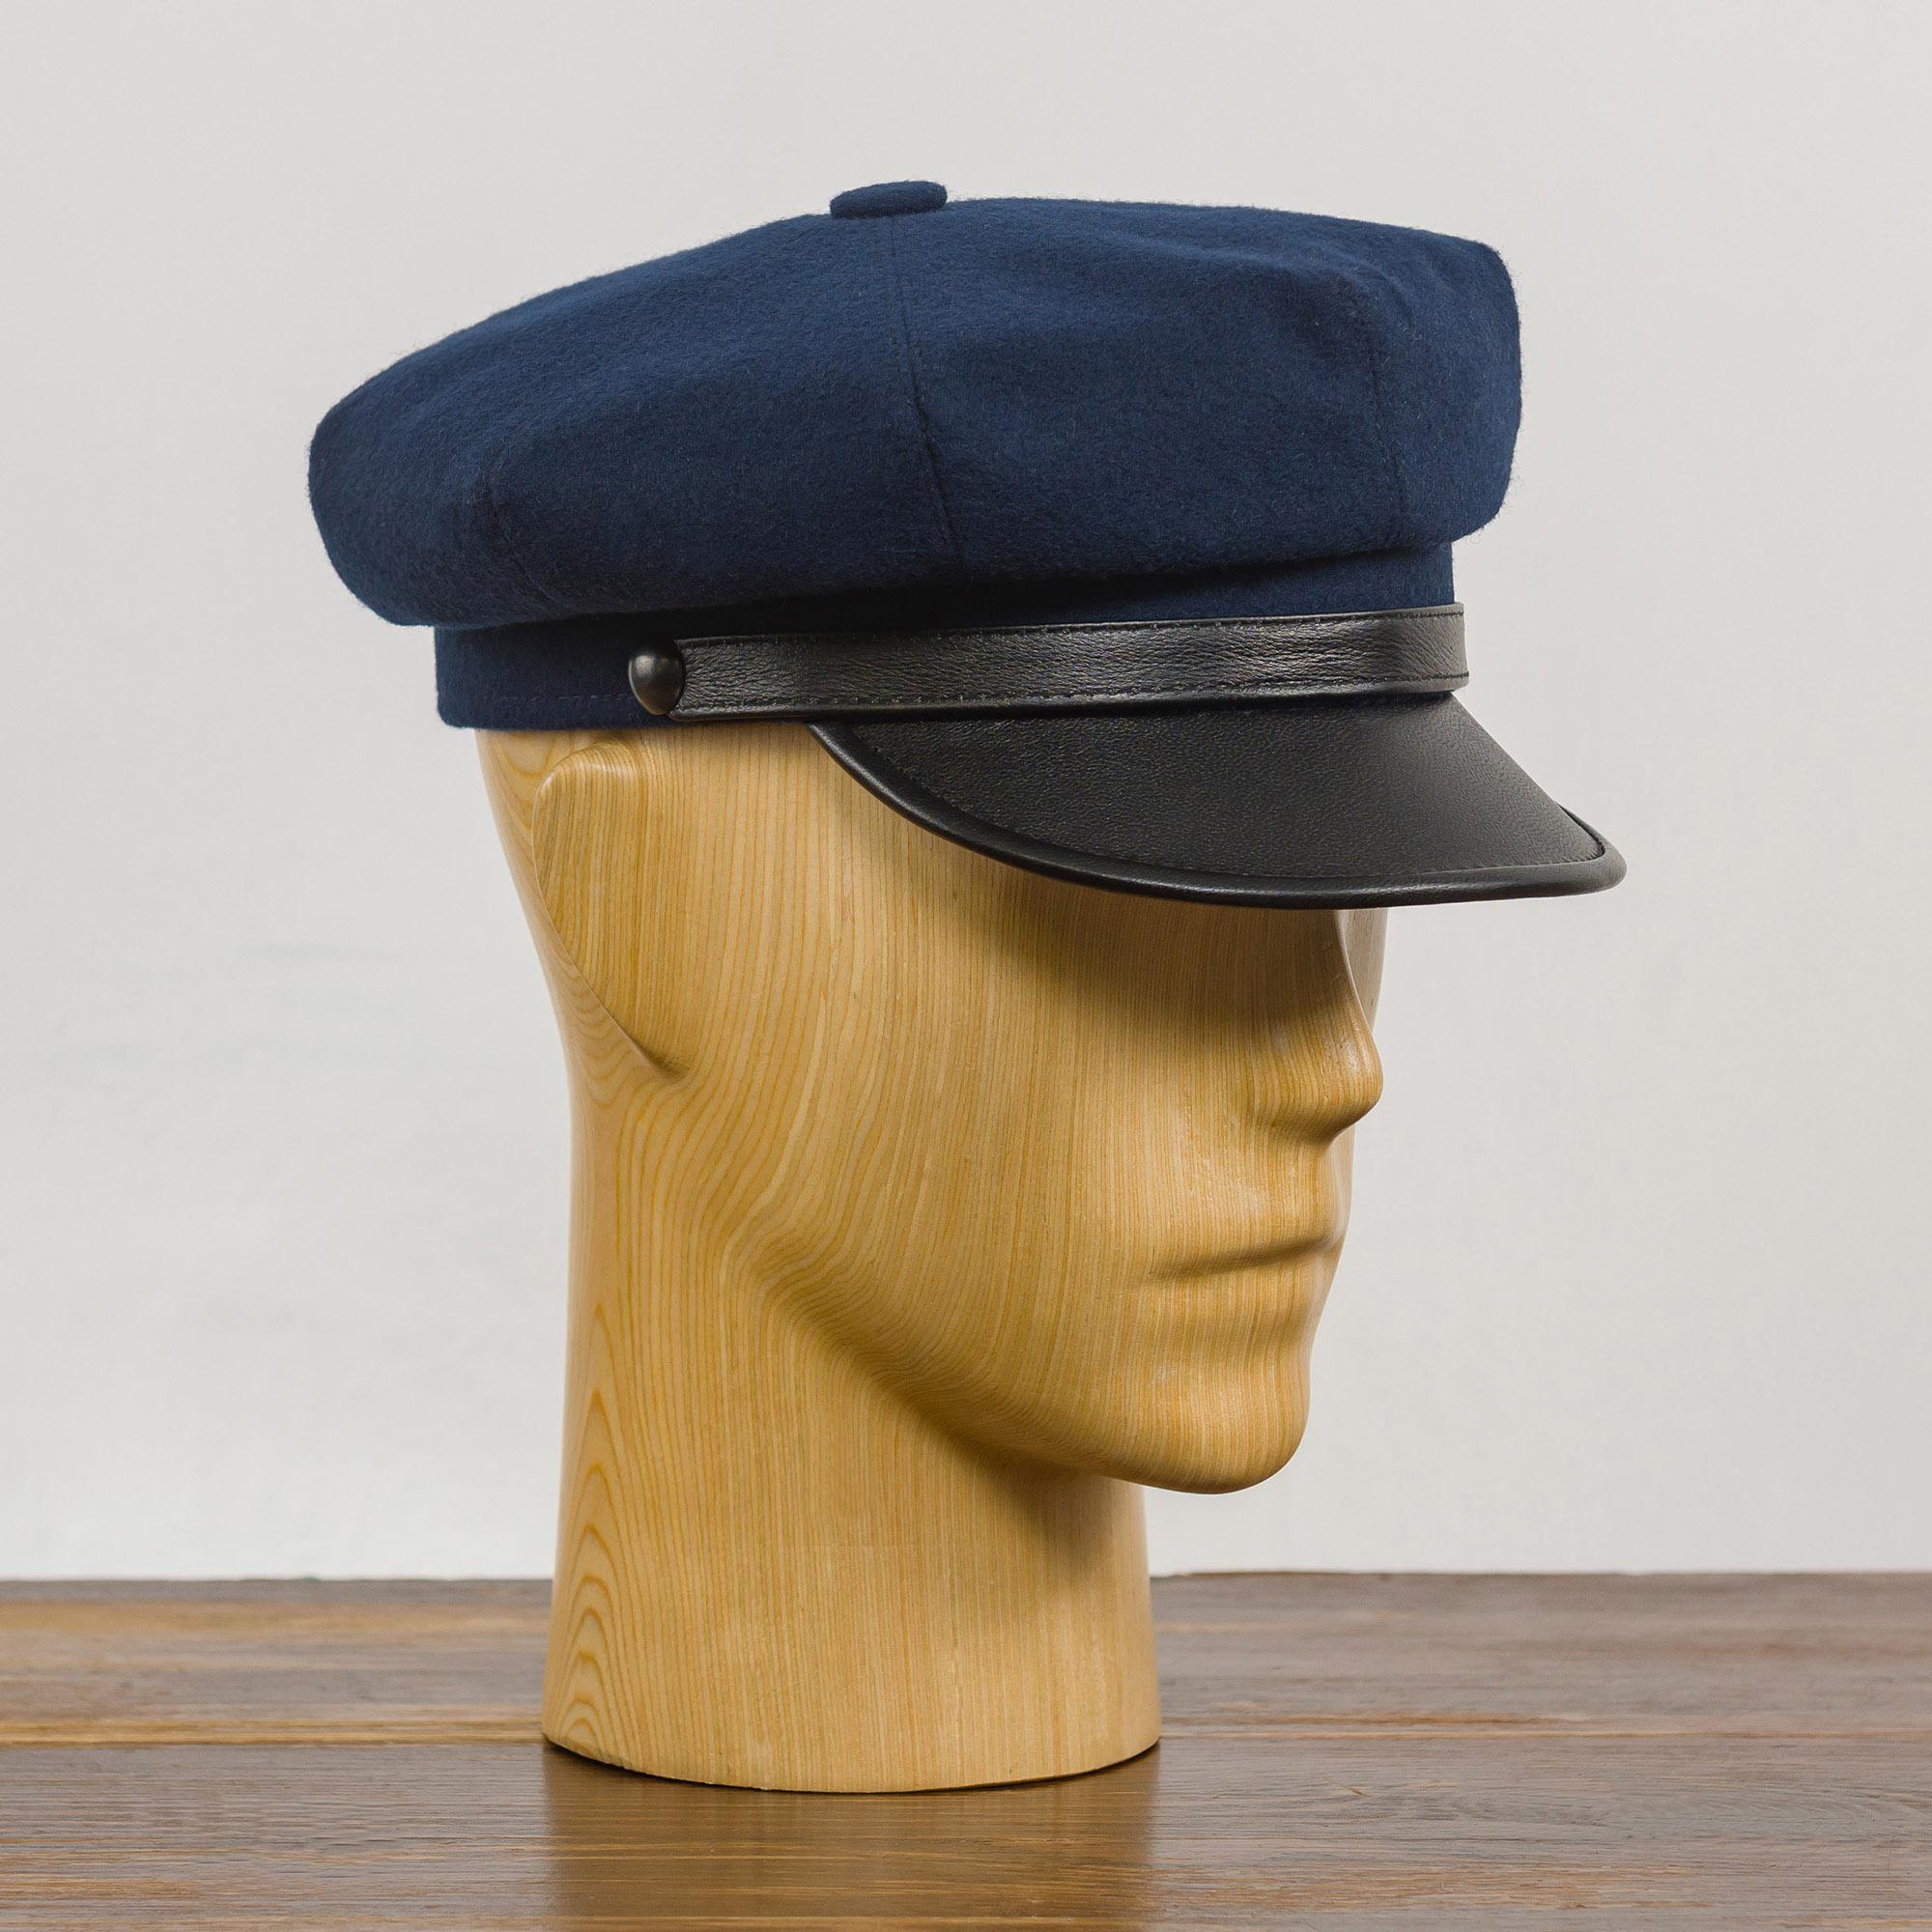 Wool vintage biker cap cloth genuine leather visor motorcycle Harley riding peaked hat duty Wild One officer retro oldschool